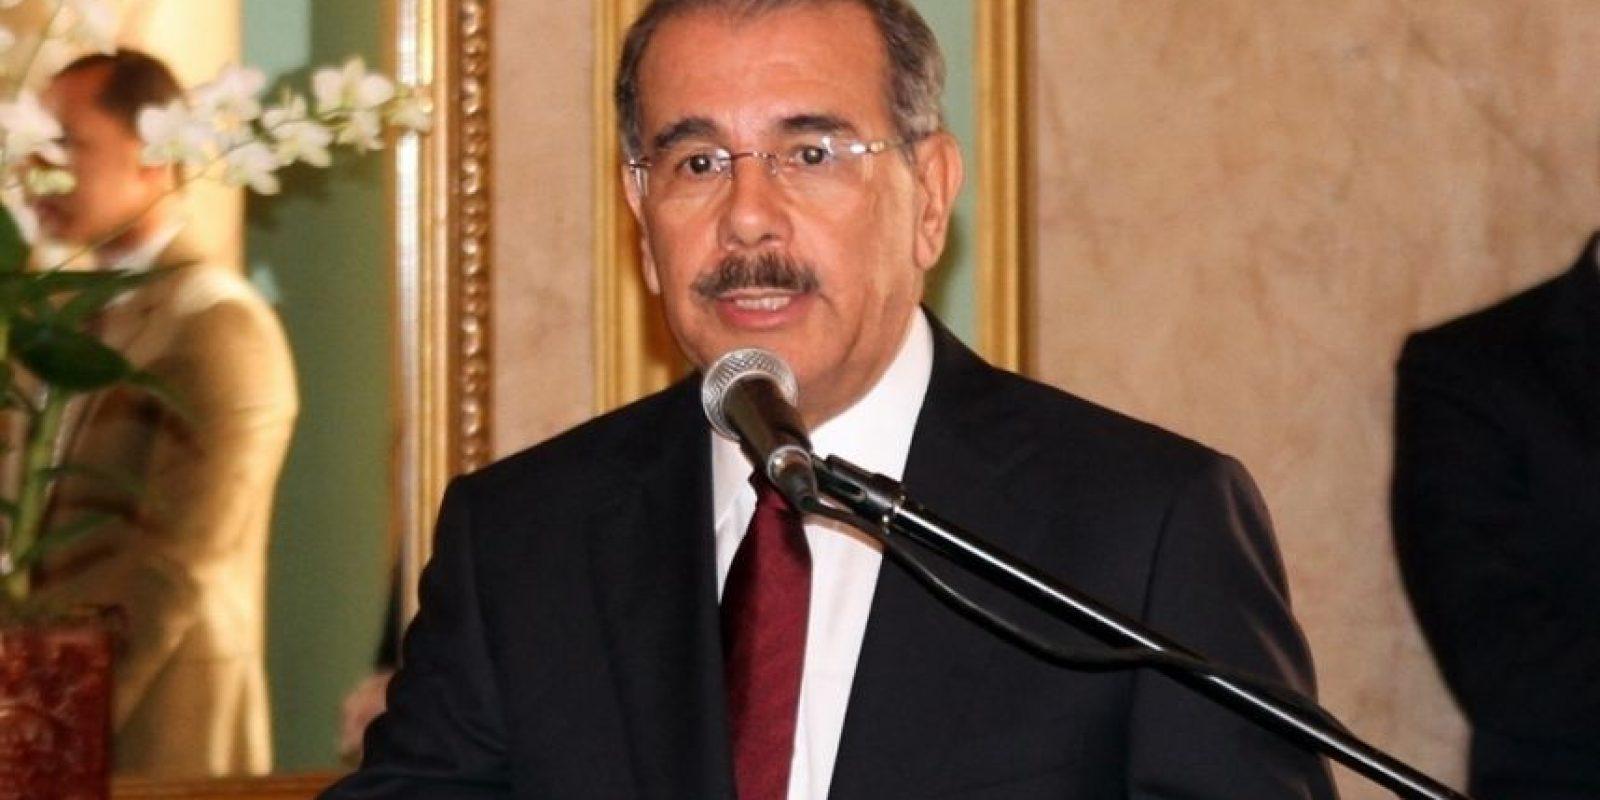 """Danilo Medina afirma que se acabó la """"gabela"""" que dio a la oposición. El presidente Danilo Medina declaró que terminó el tiempo de darle """"gabela"""" a la oposición, refiriéndose a que ya es tiempo de iniciar la campaña electoral, que según dice, le llevará al triunfo en las elecciones generales del próximo 15 de mayo."""